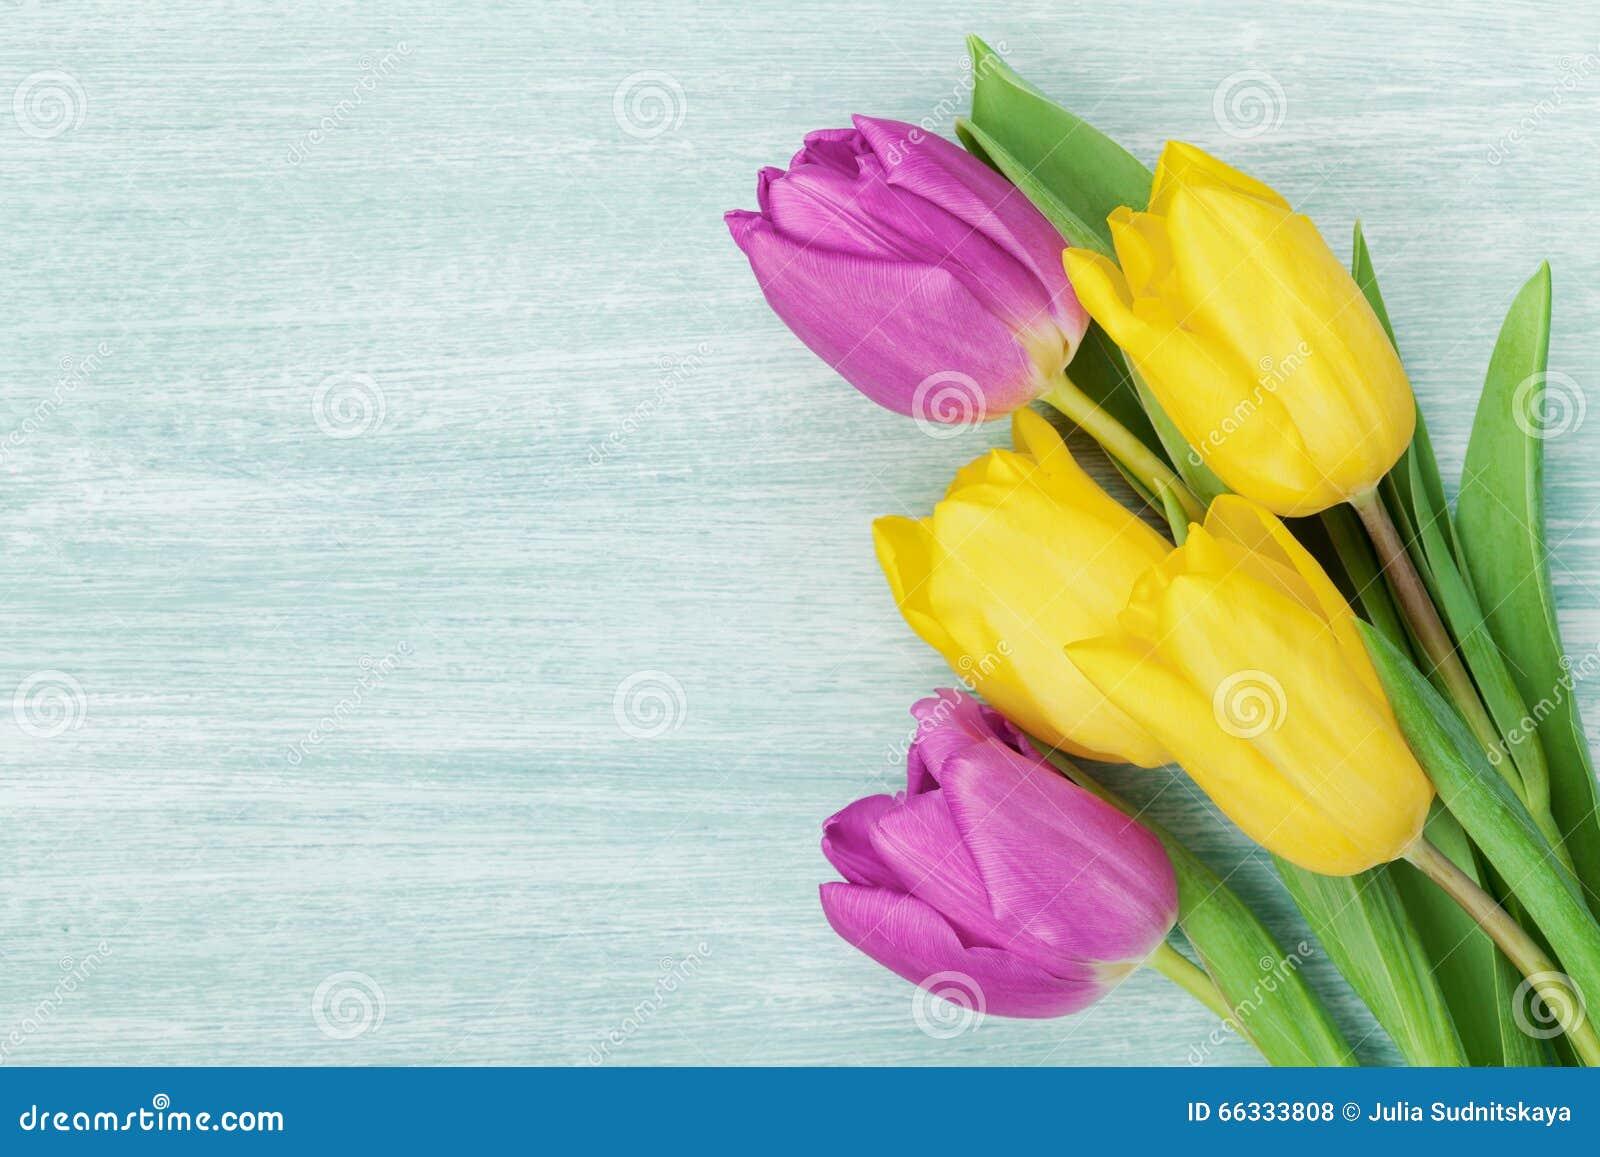 郁金香在土气桌上开花为3月8日,国际妇女天,生日或母亲节,美丽的春天卡片